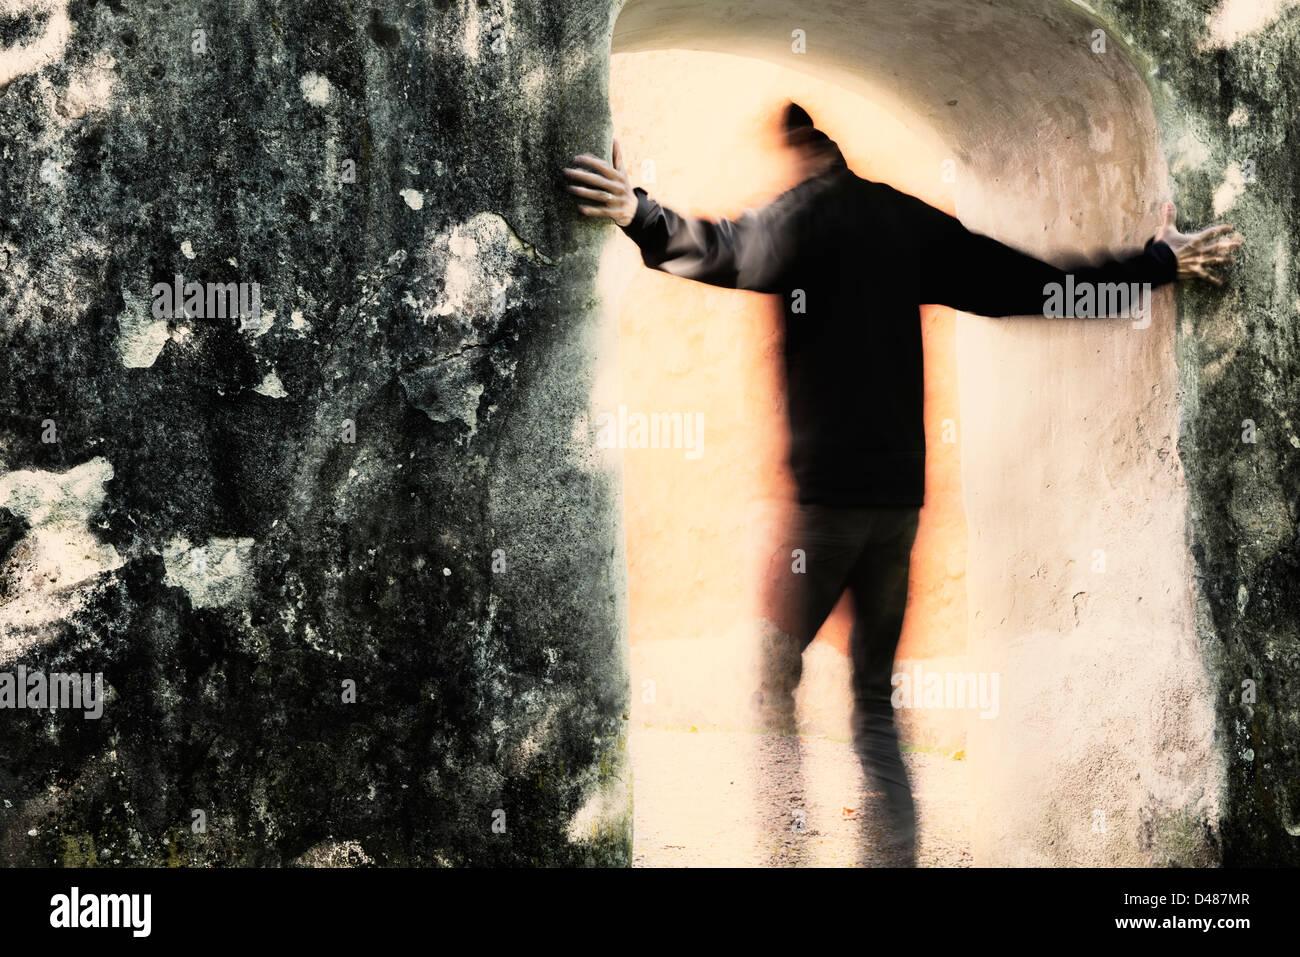 Macho adulto en movimiento desde la oscuridad hacia la luz a través del portal. Él se aferra al muro de piedra. Foto de stock